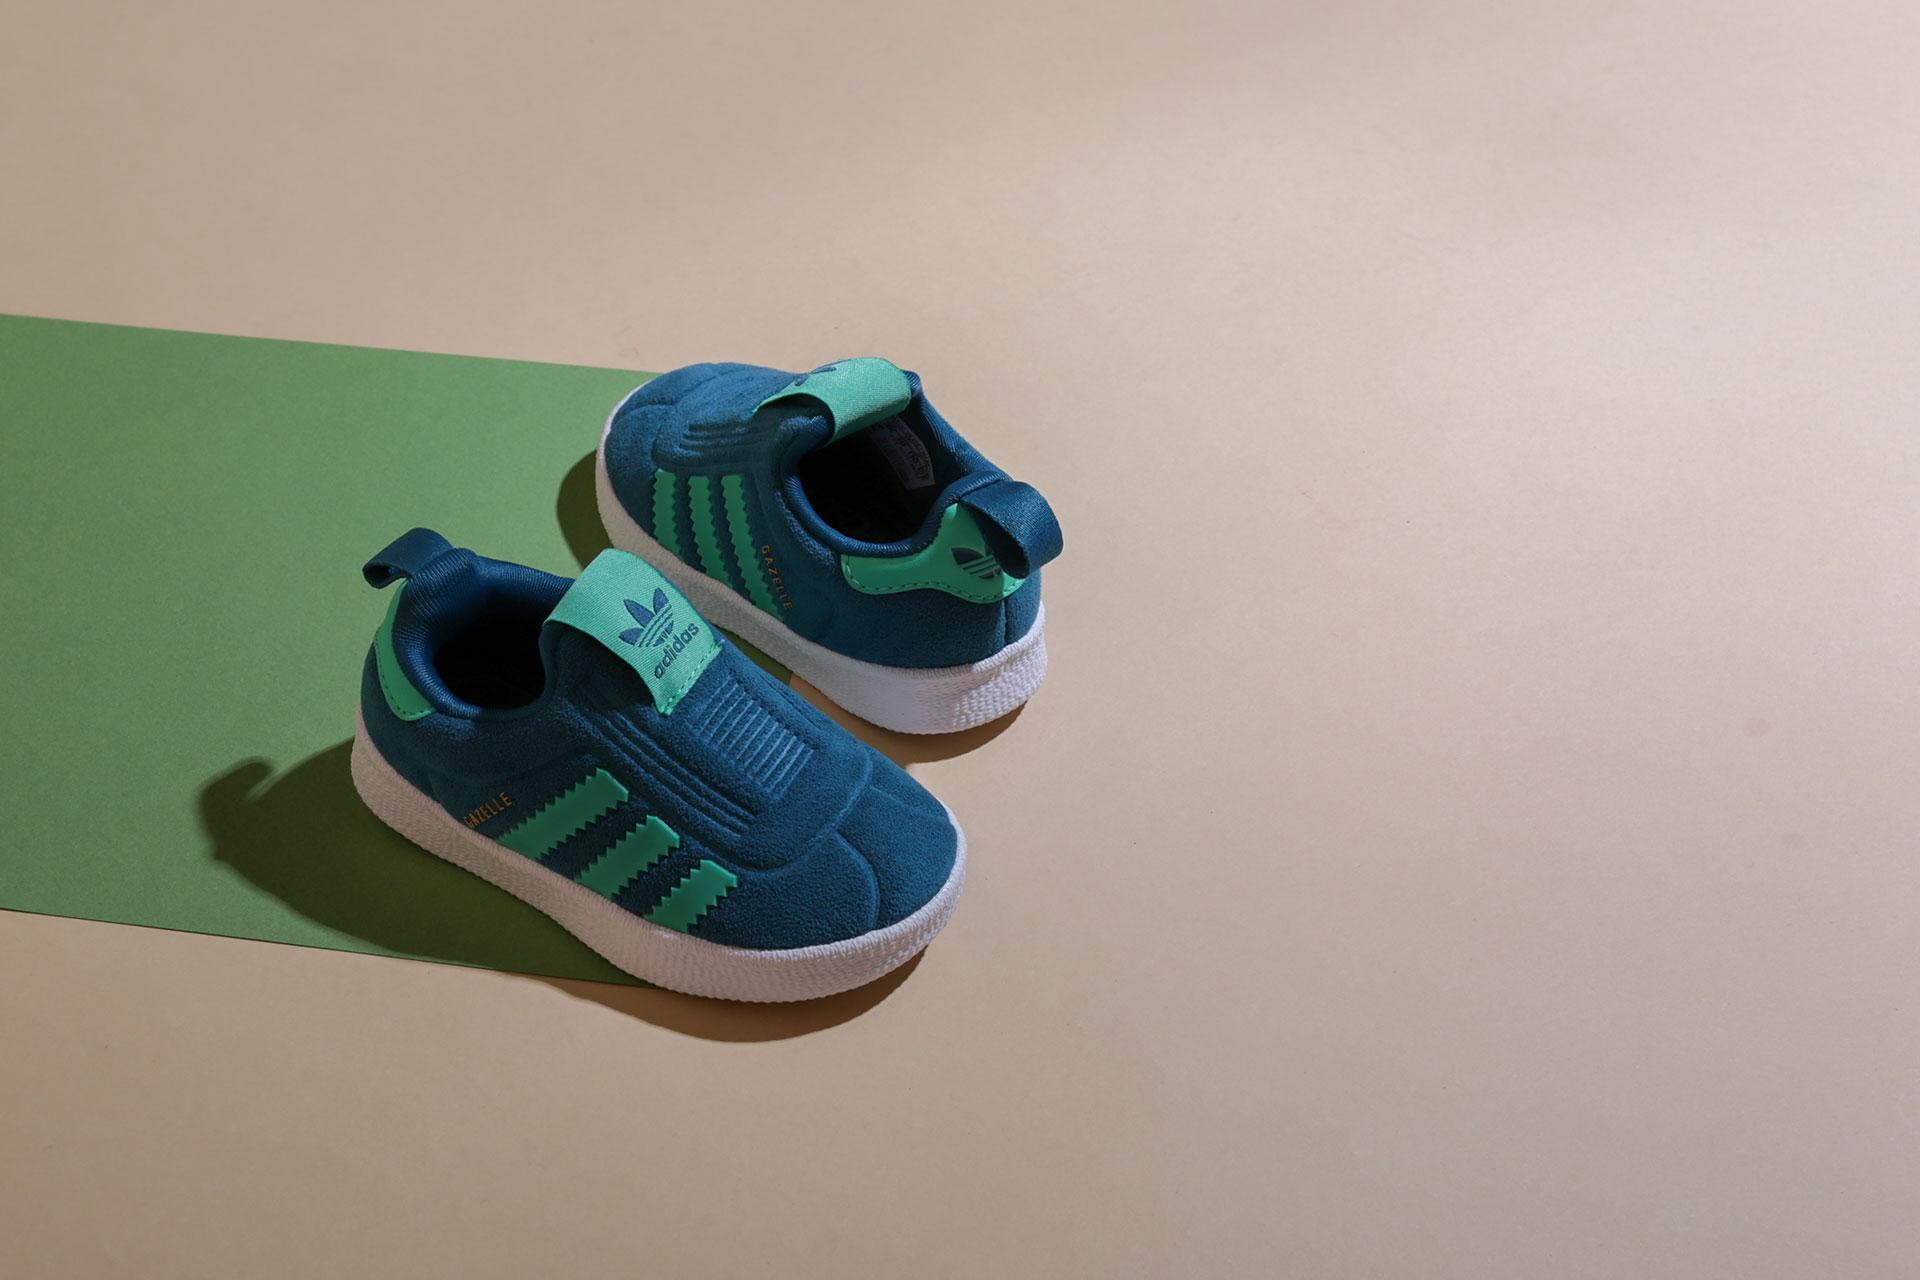 a29bcd9b Купить голубые детские кроссовки Gazelle 360 I от adidas Originals ...